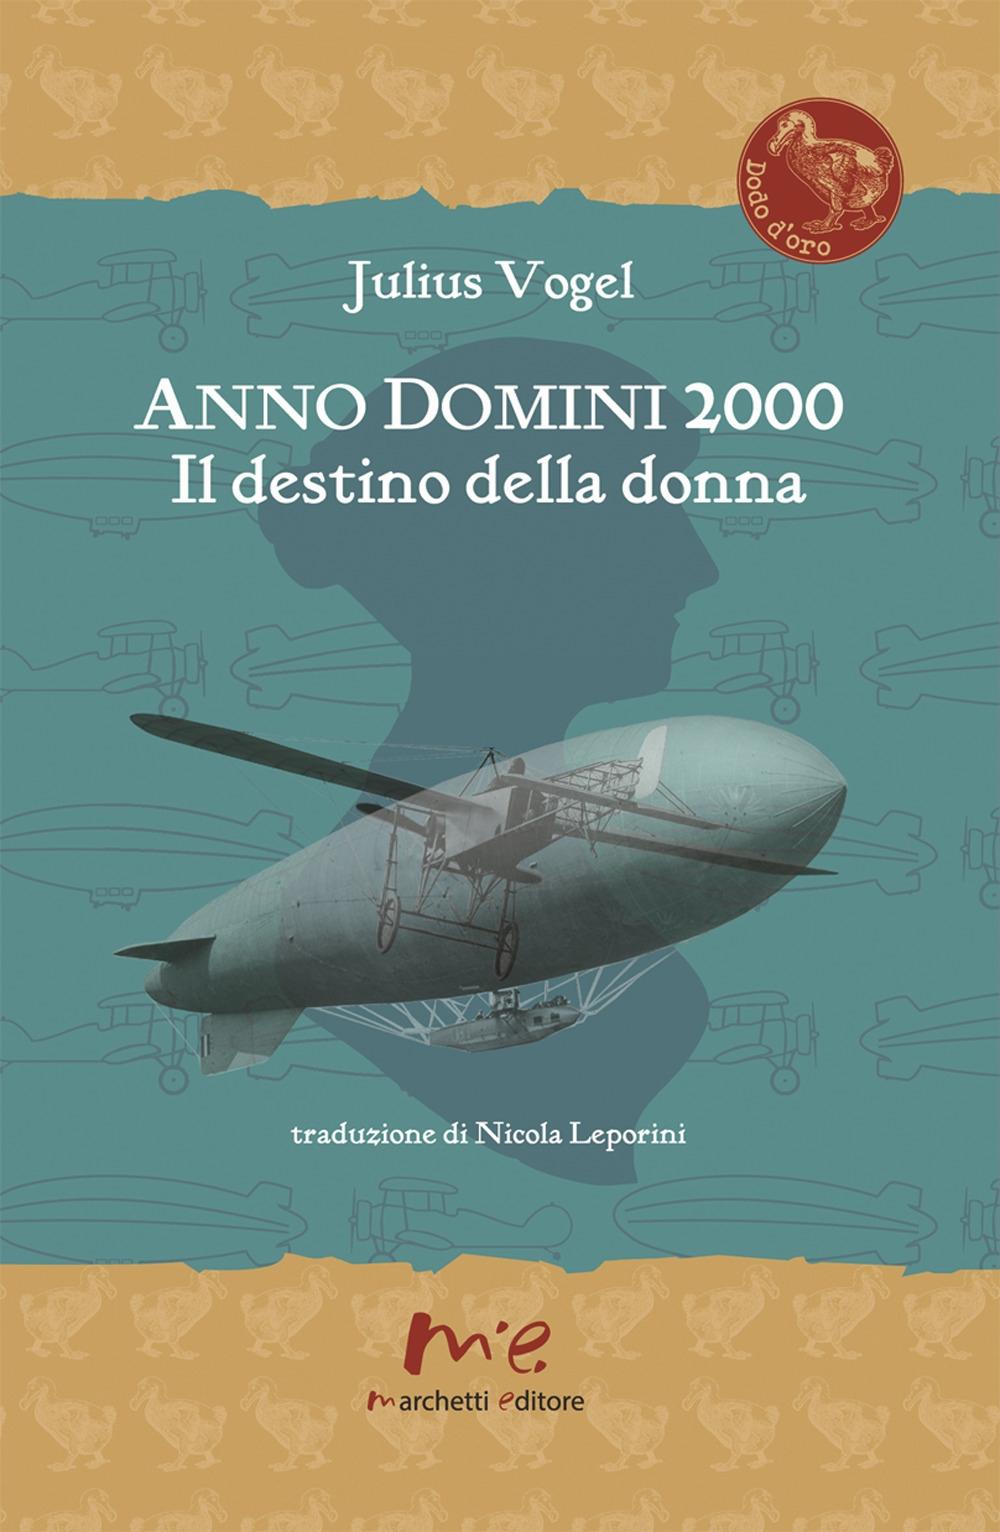 Anno domini 2000: il destino della donna